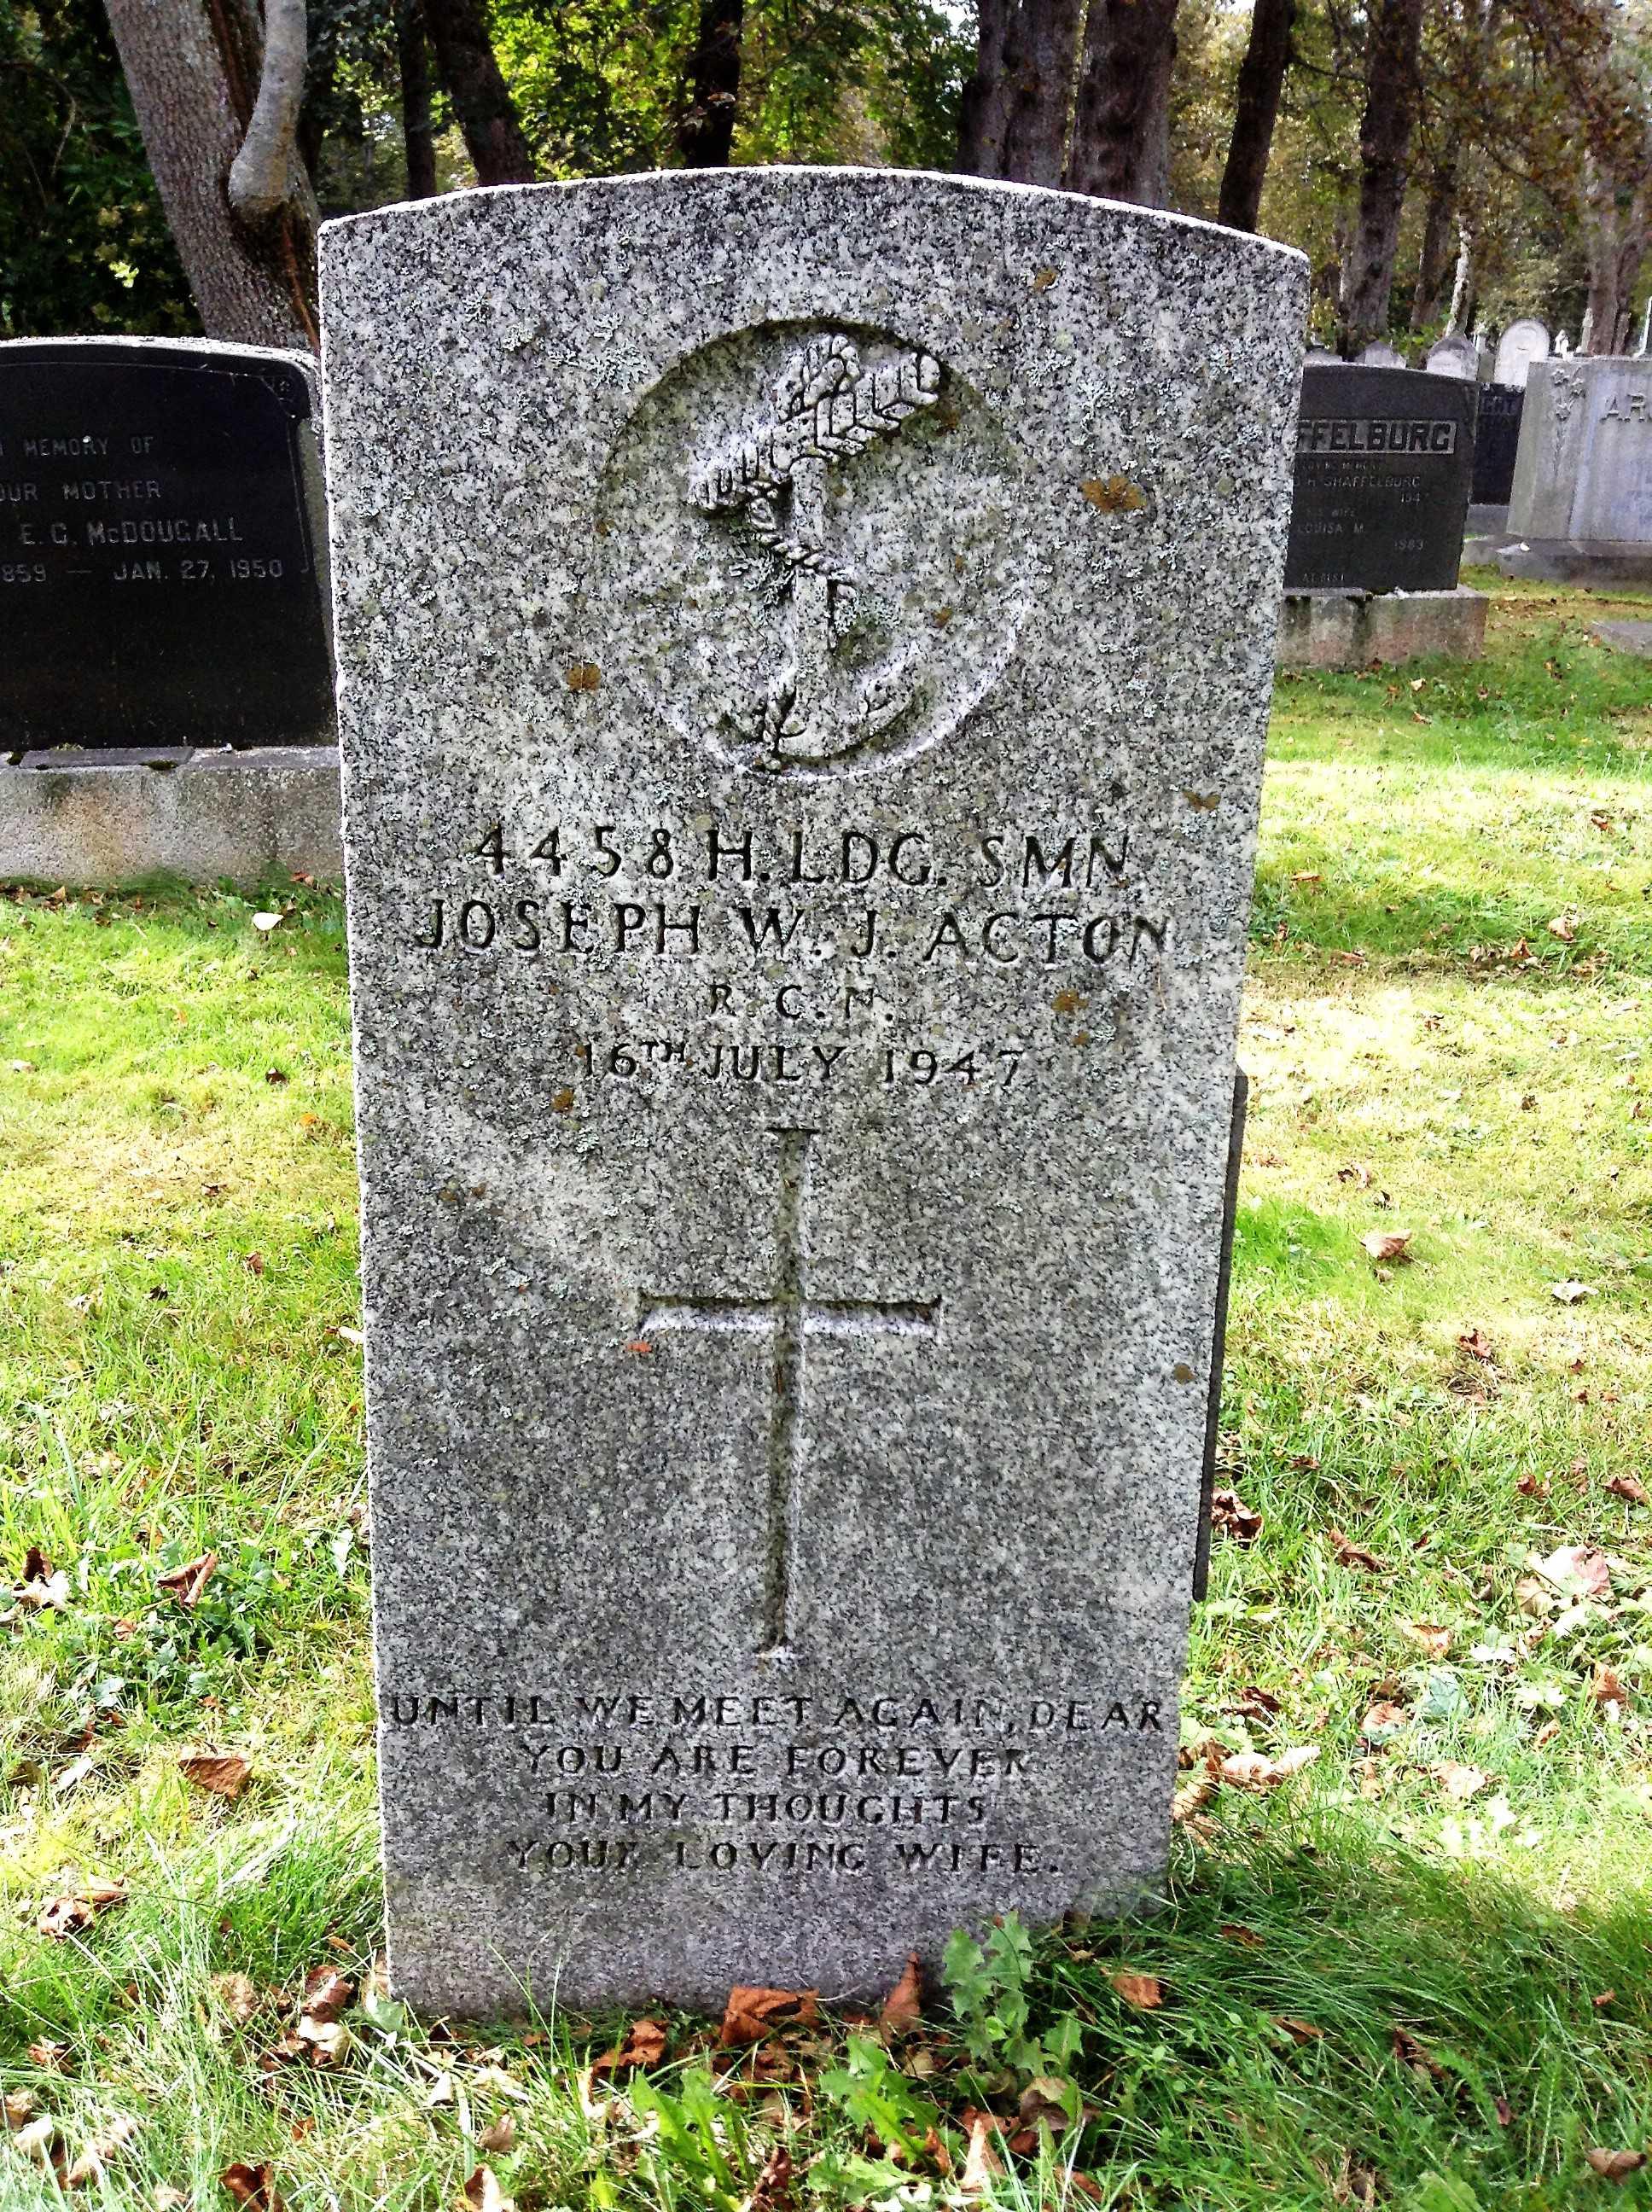 Grave marker for Joseph William John Acton